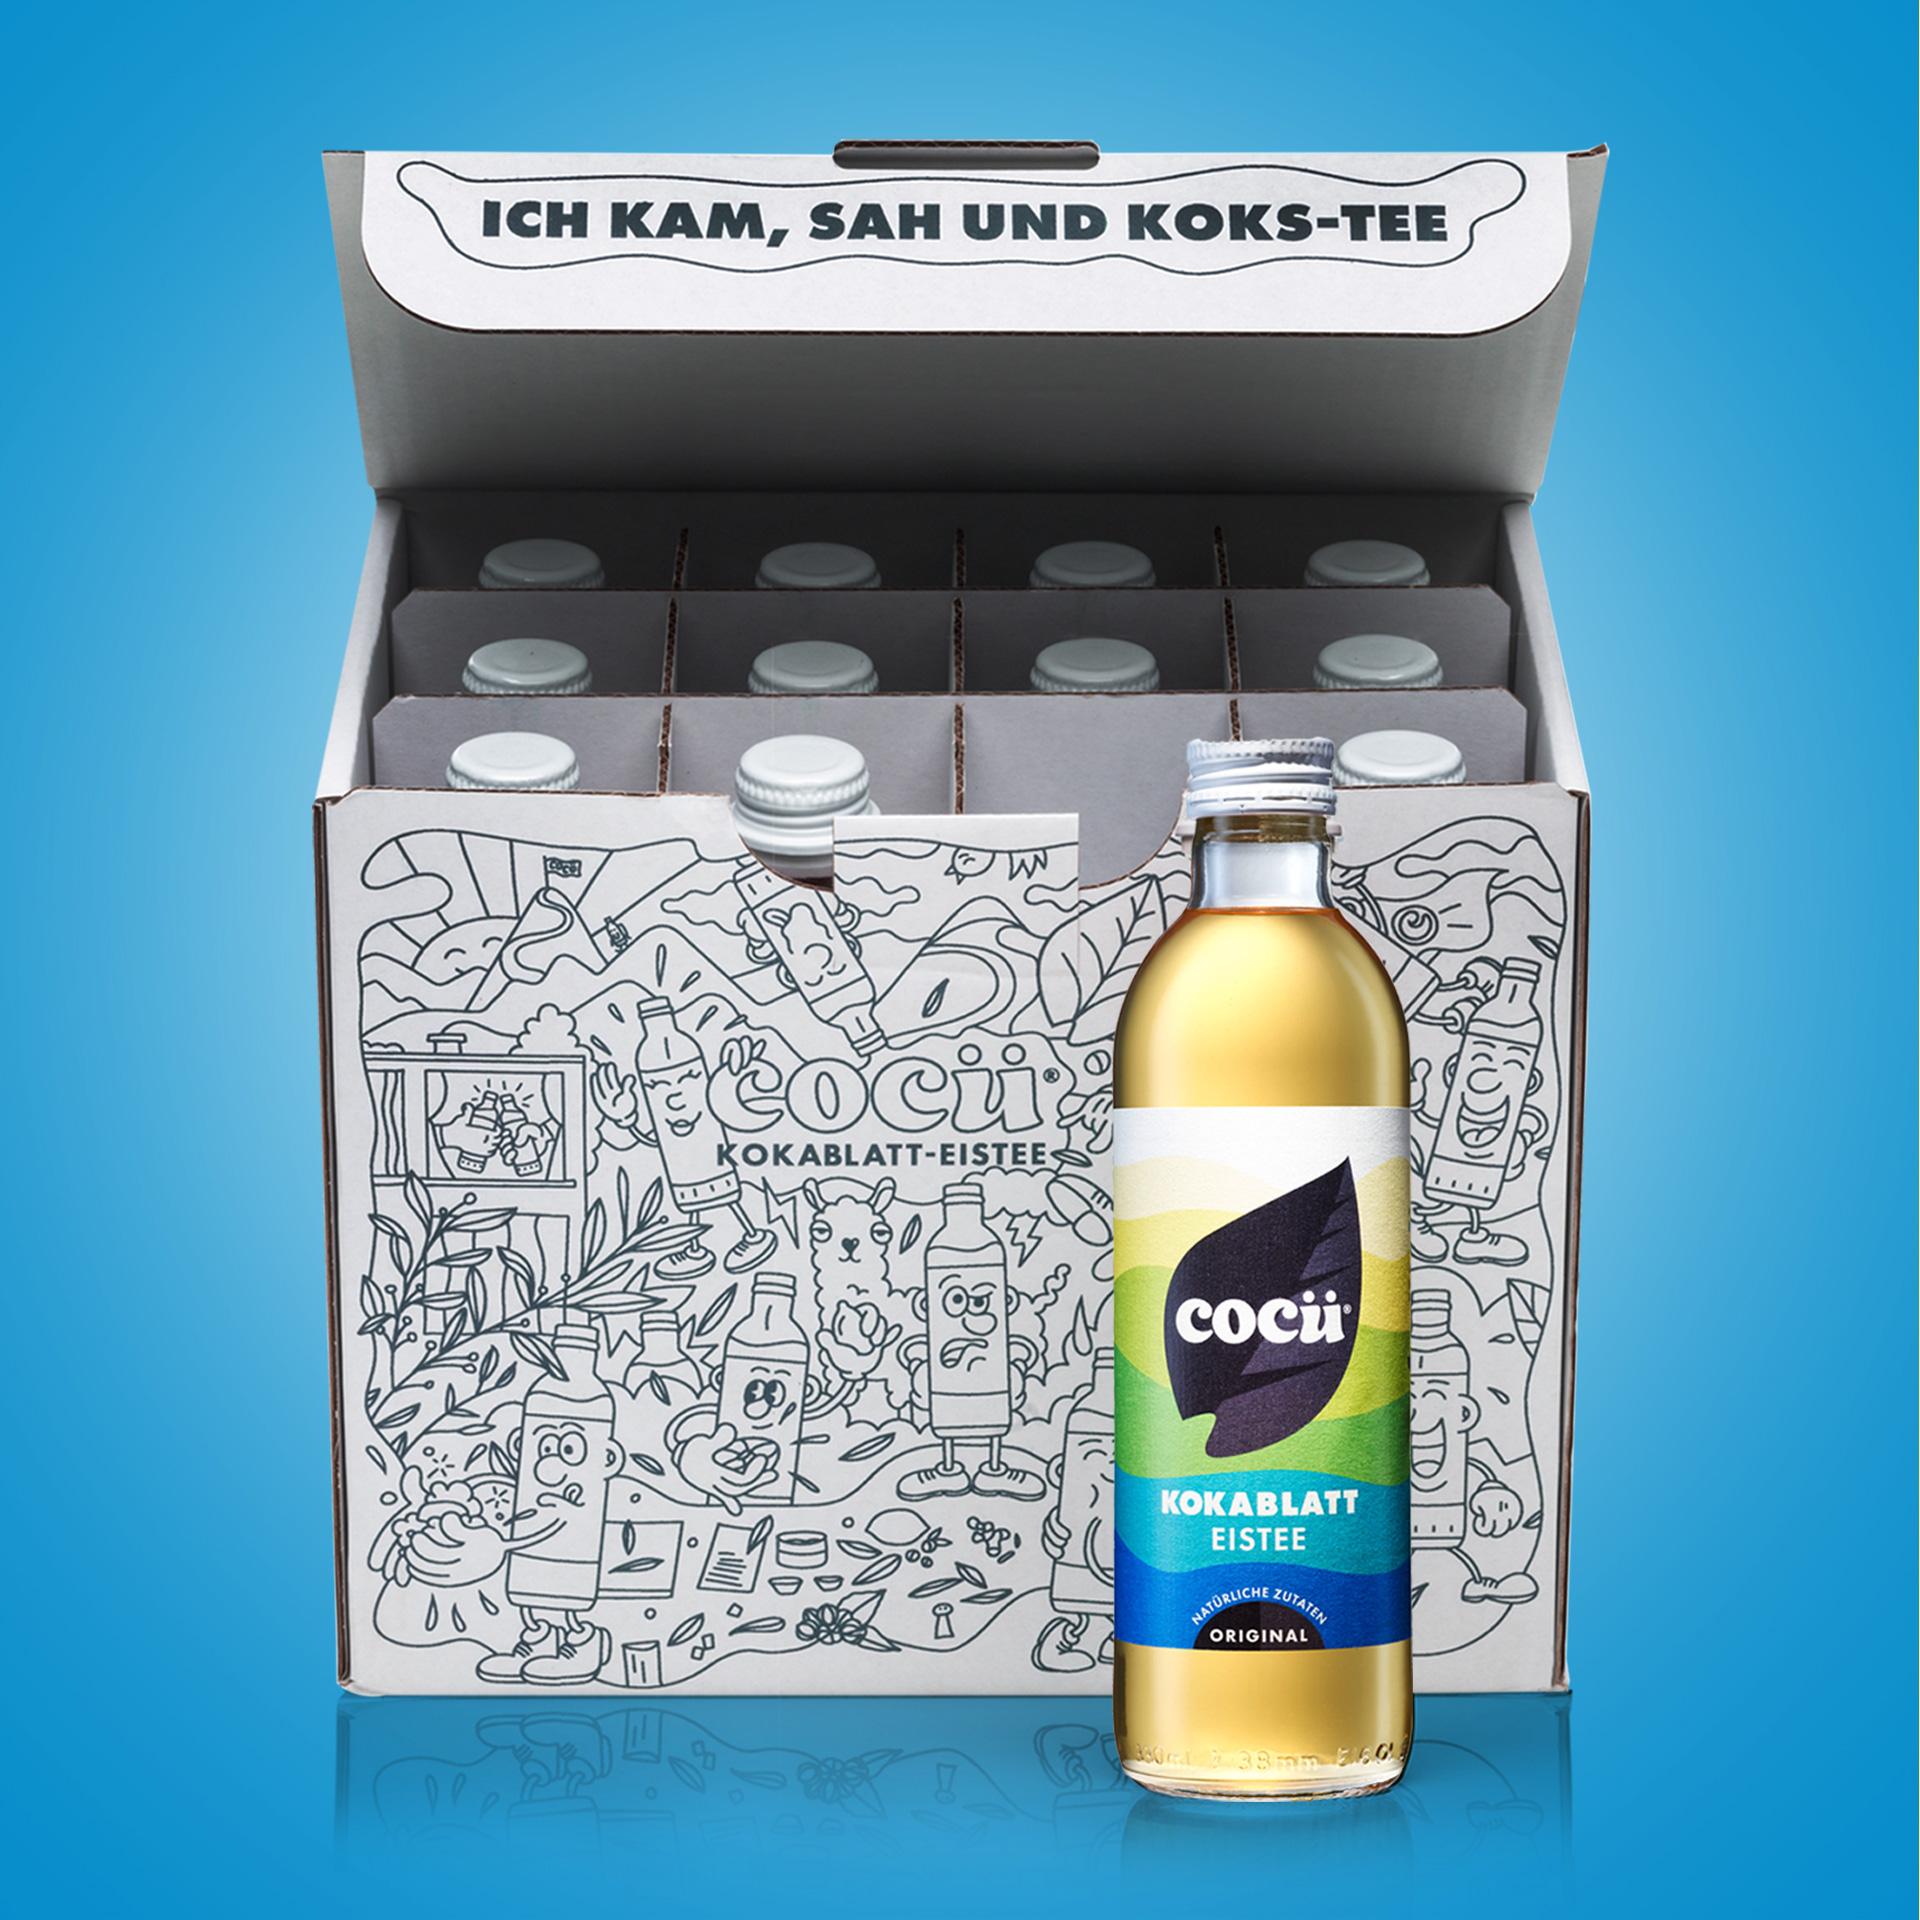 COCÜ Kokablatt-Eistee Box